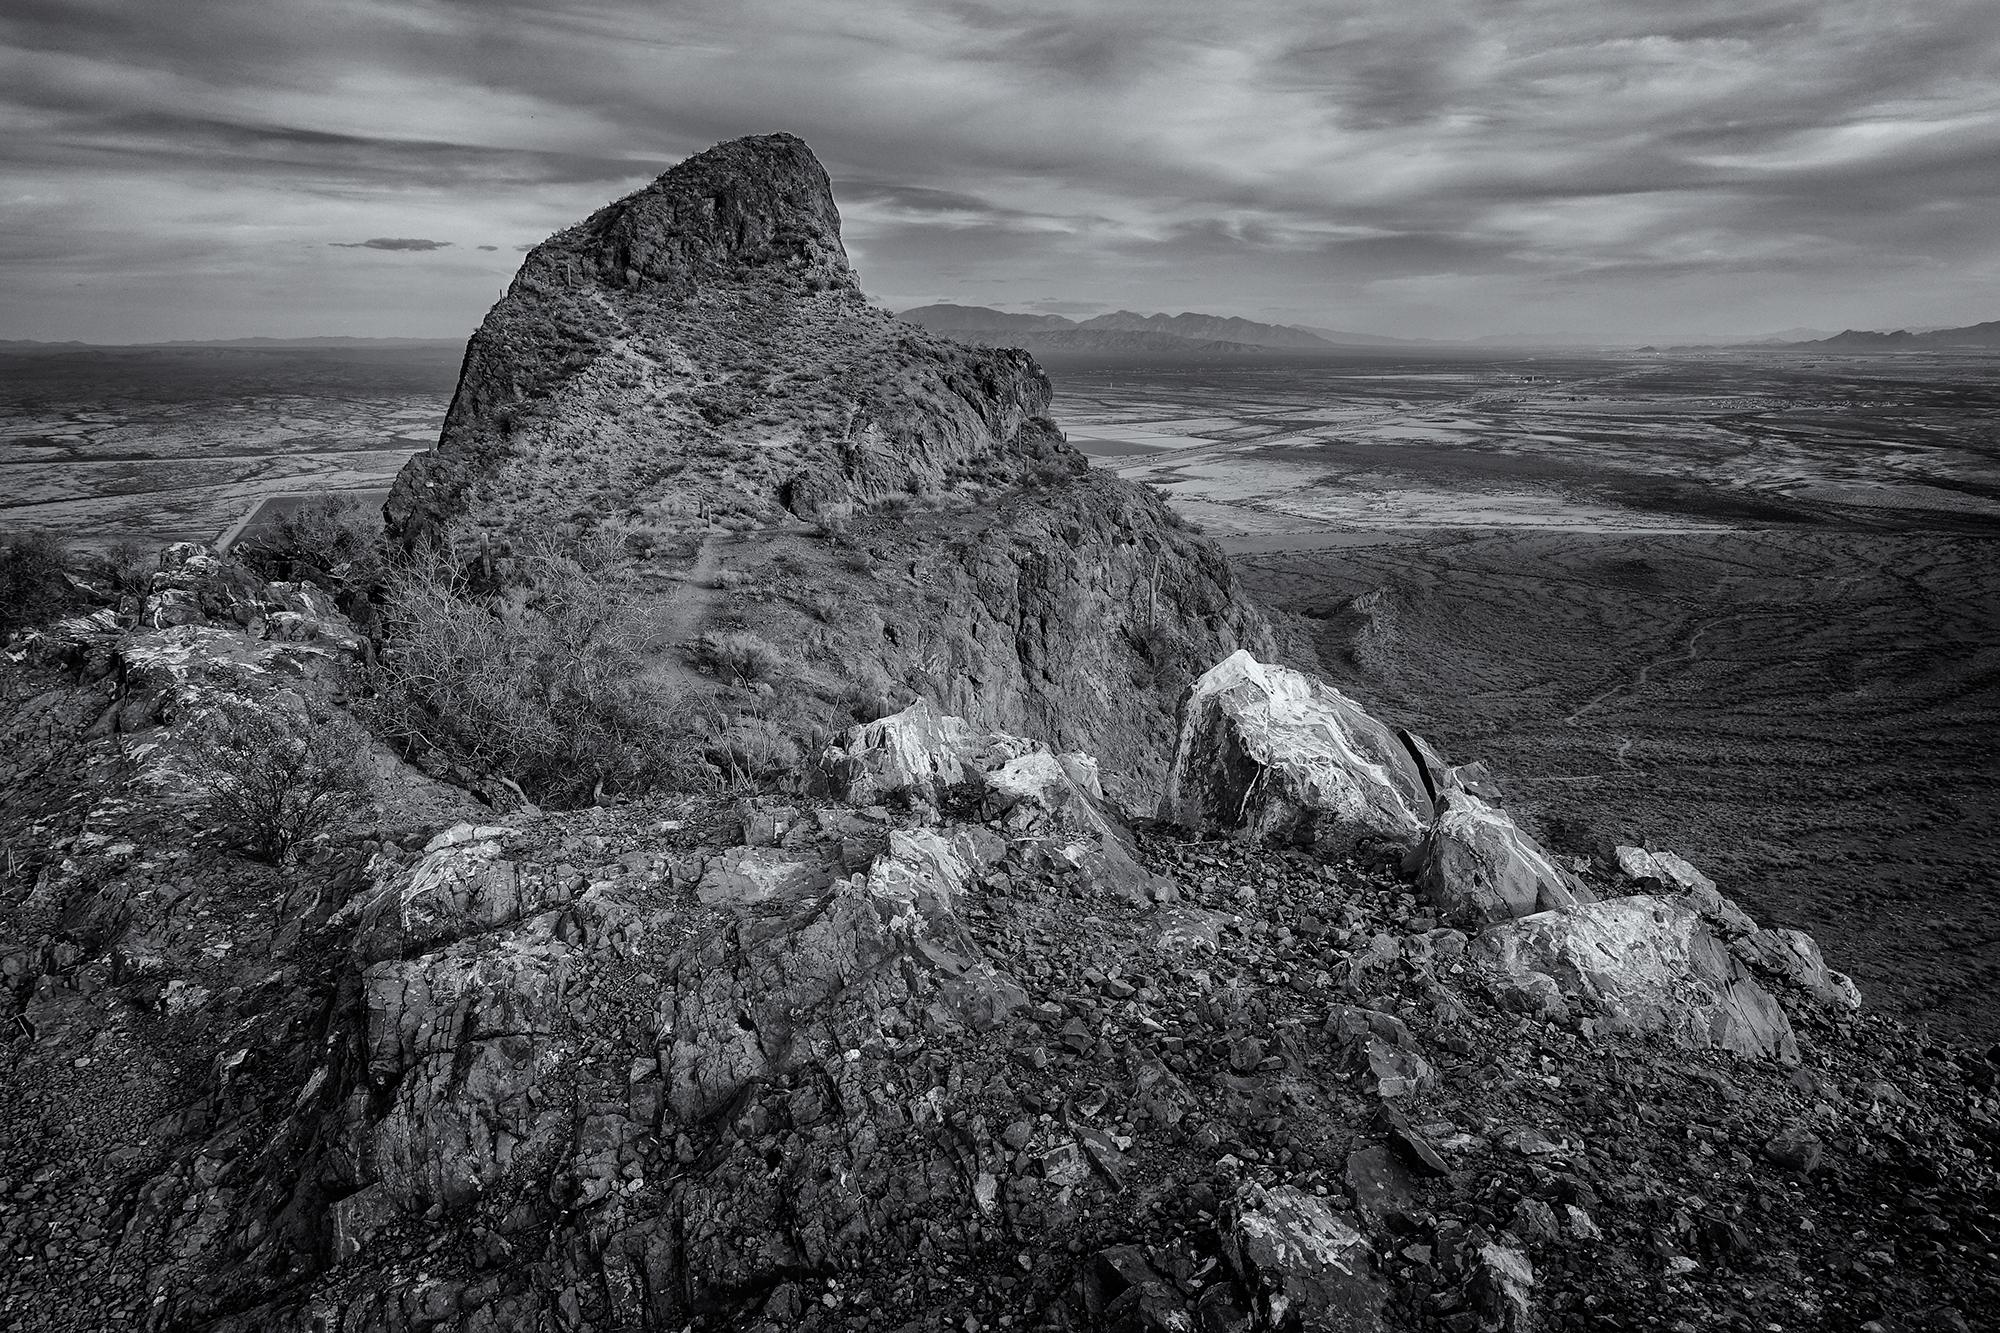 Picacho Portrait. Picacho Peak State Park, Arizona, 2016